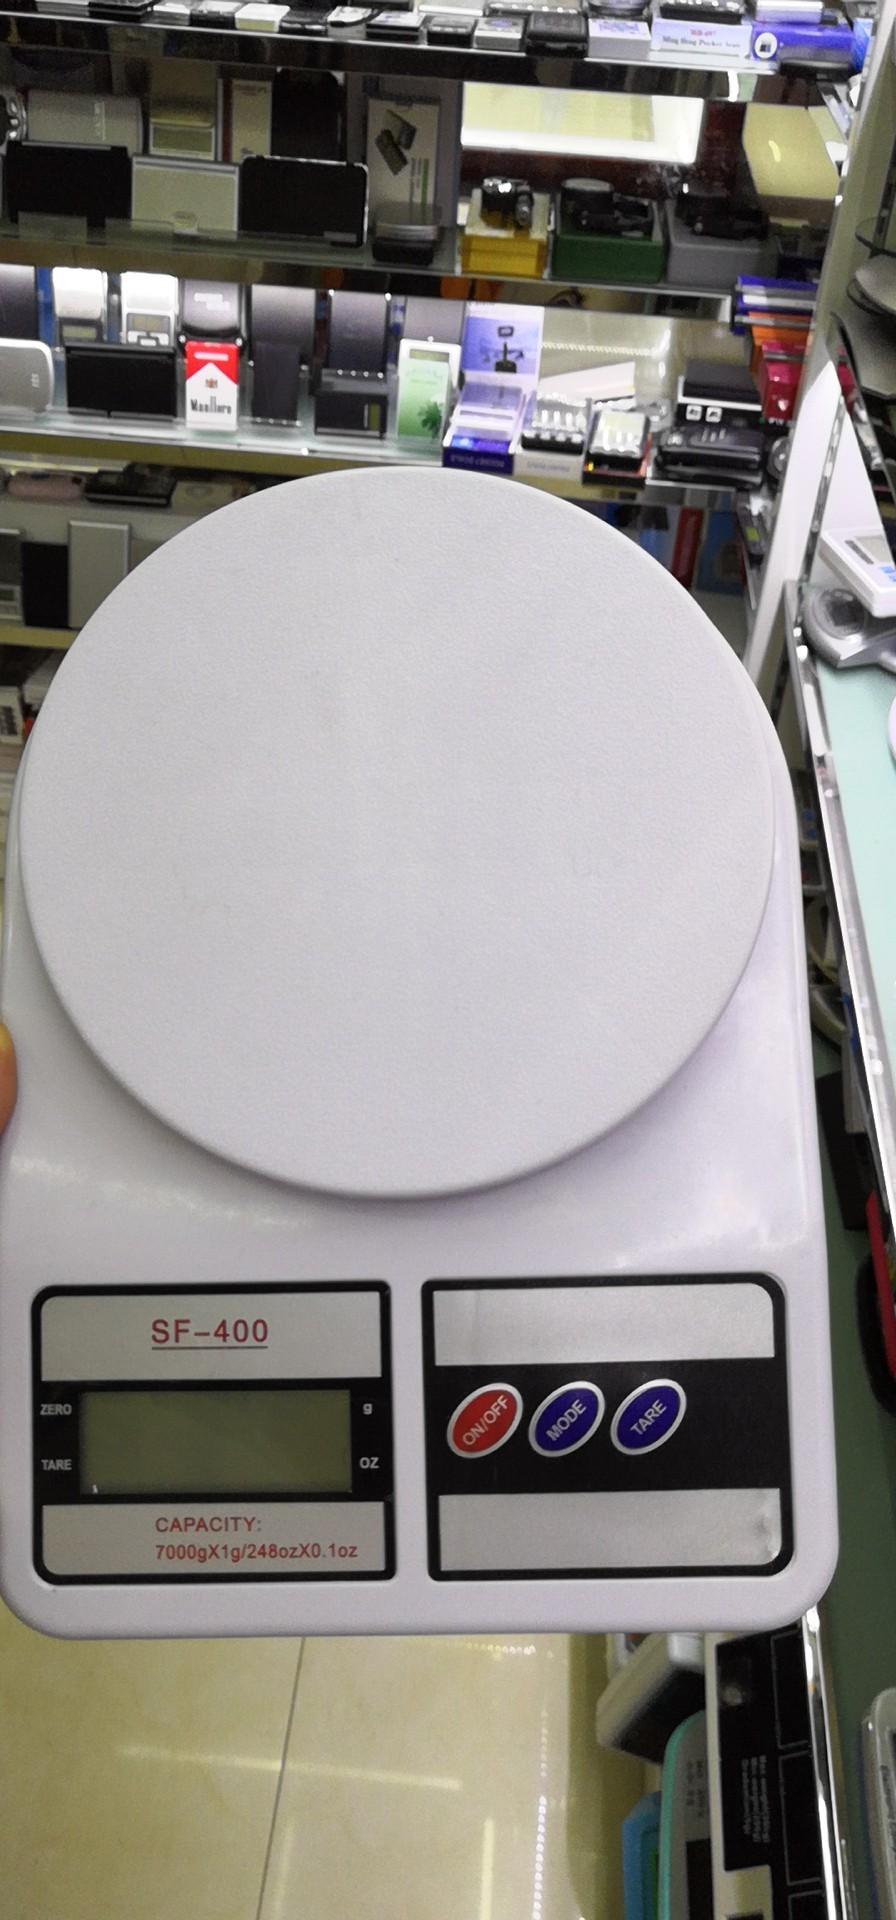 SF—400厨房秤  克重秤